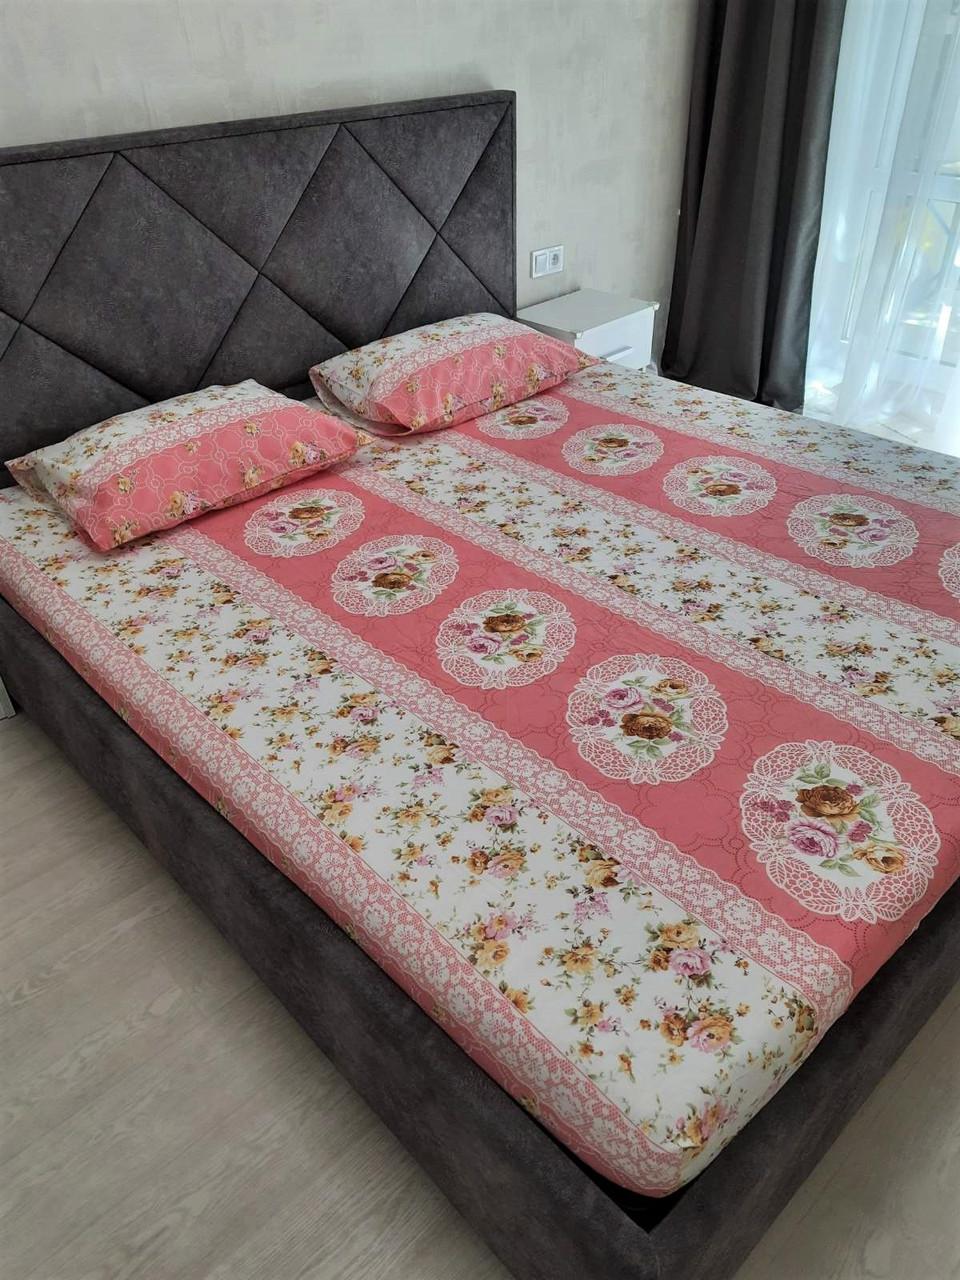 Комплект с простыней на резинке на матрас 180*200 см Турция №5 Розовая